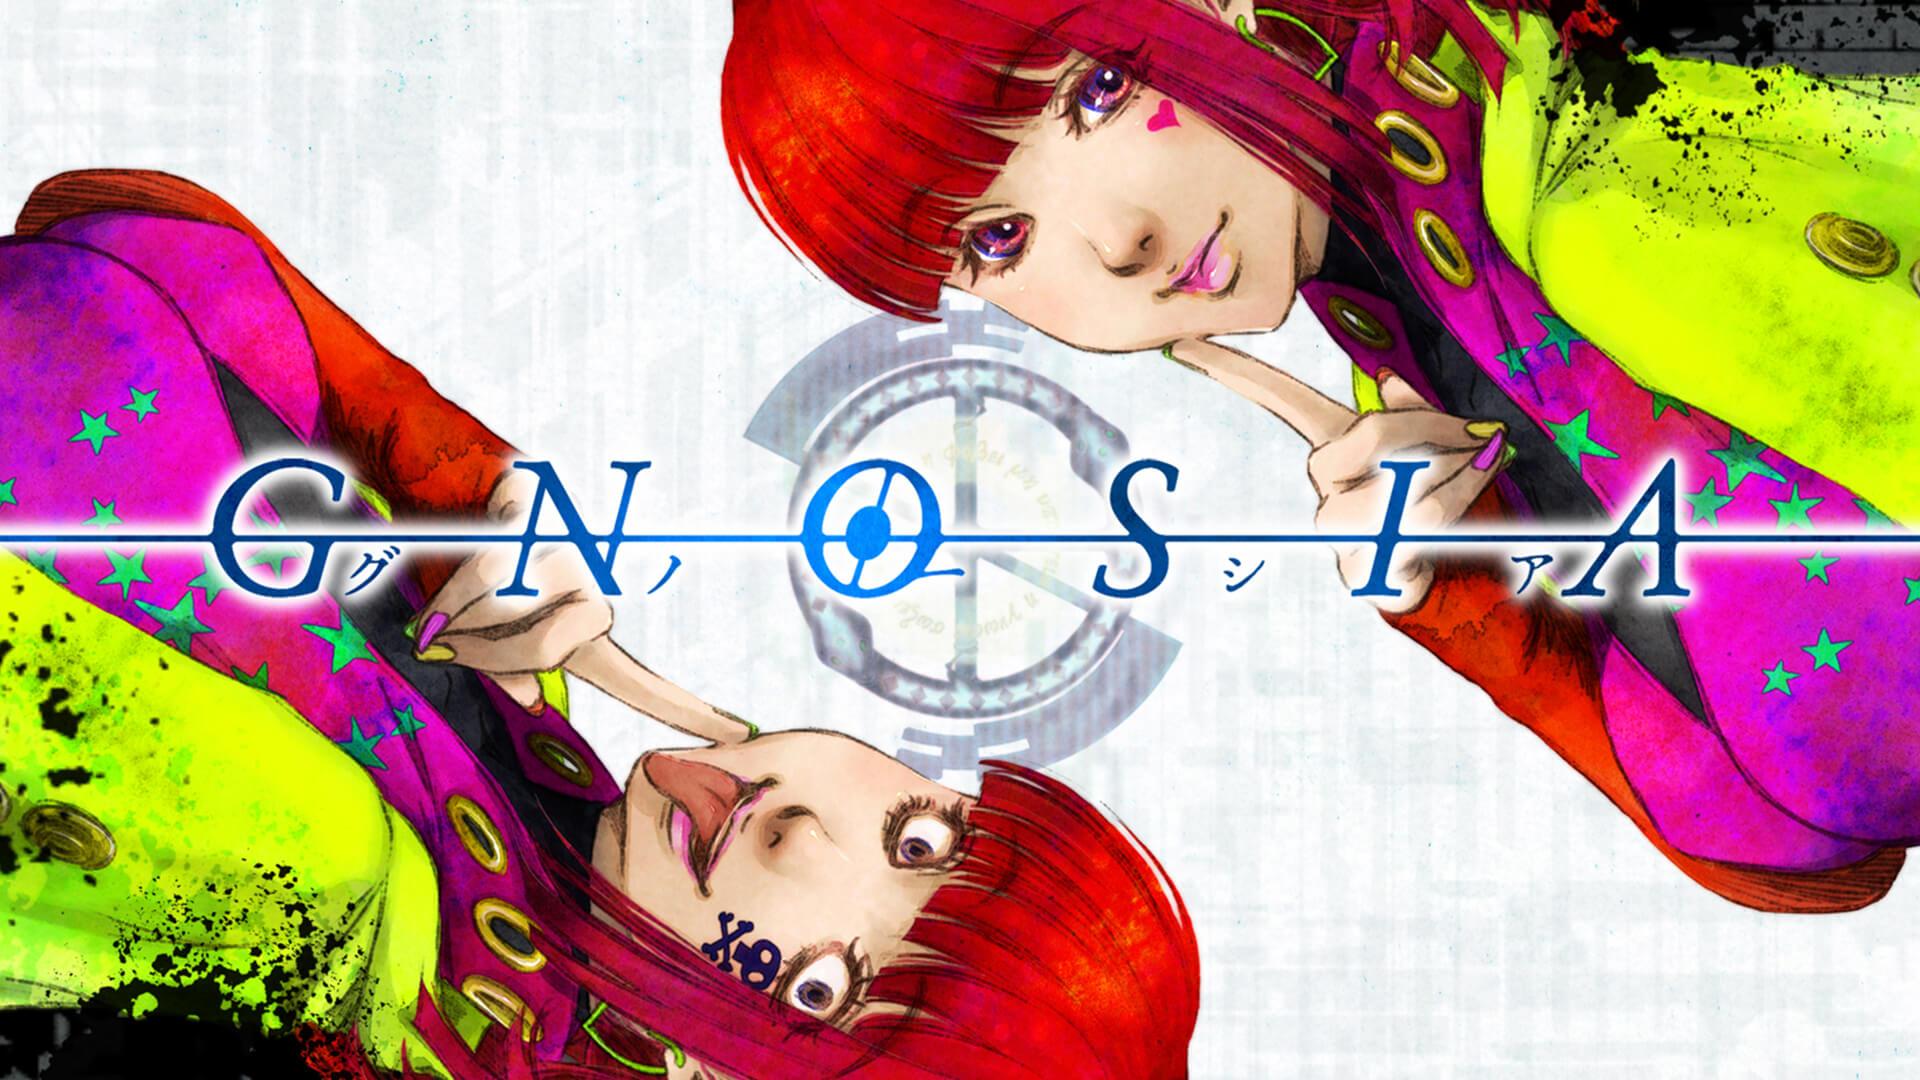 Gnosia Free PC Download